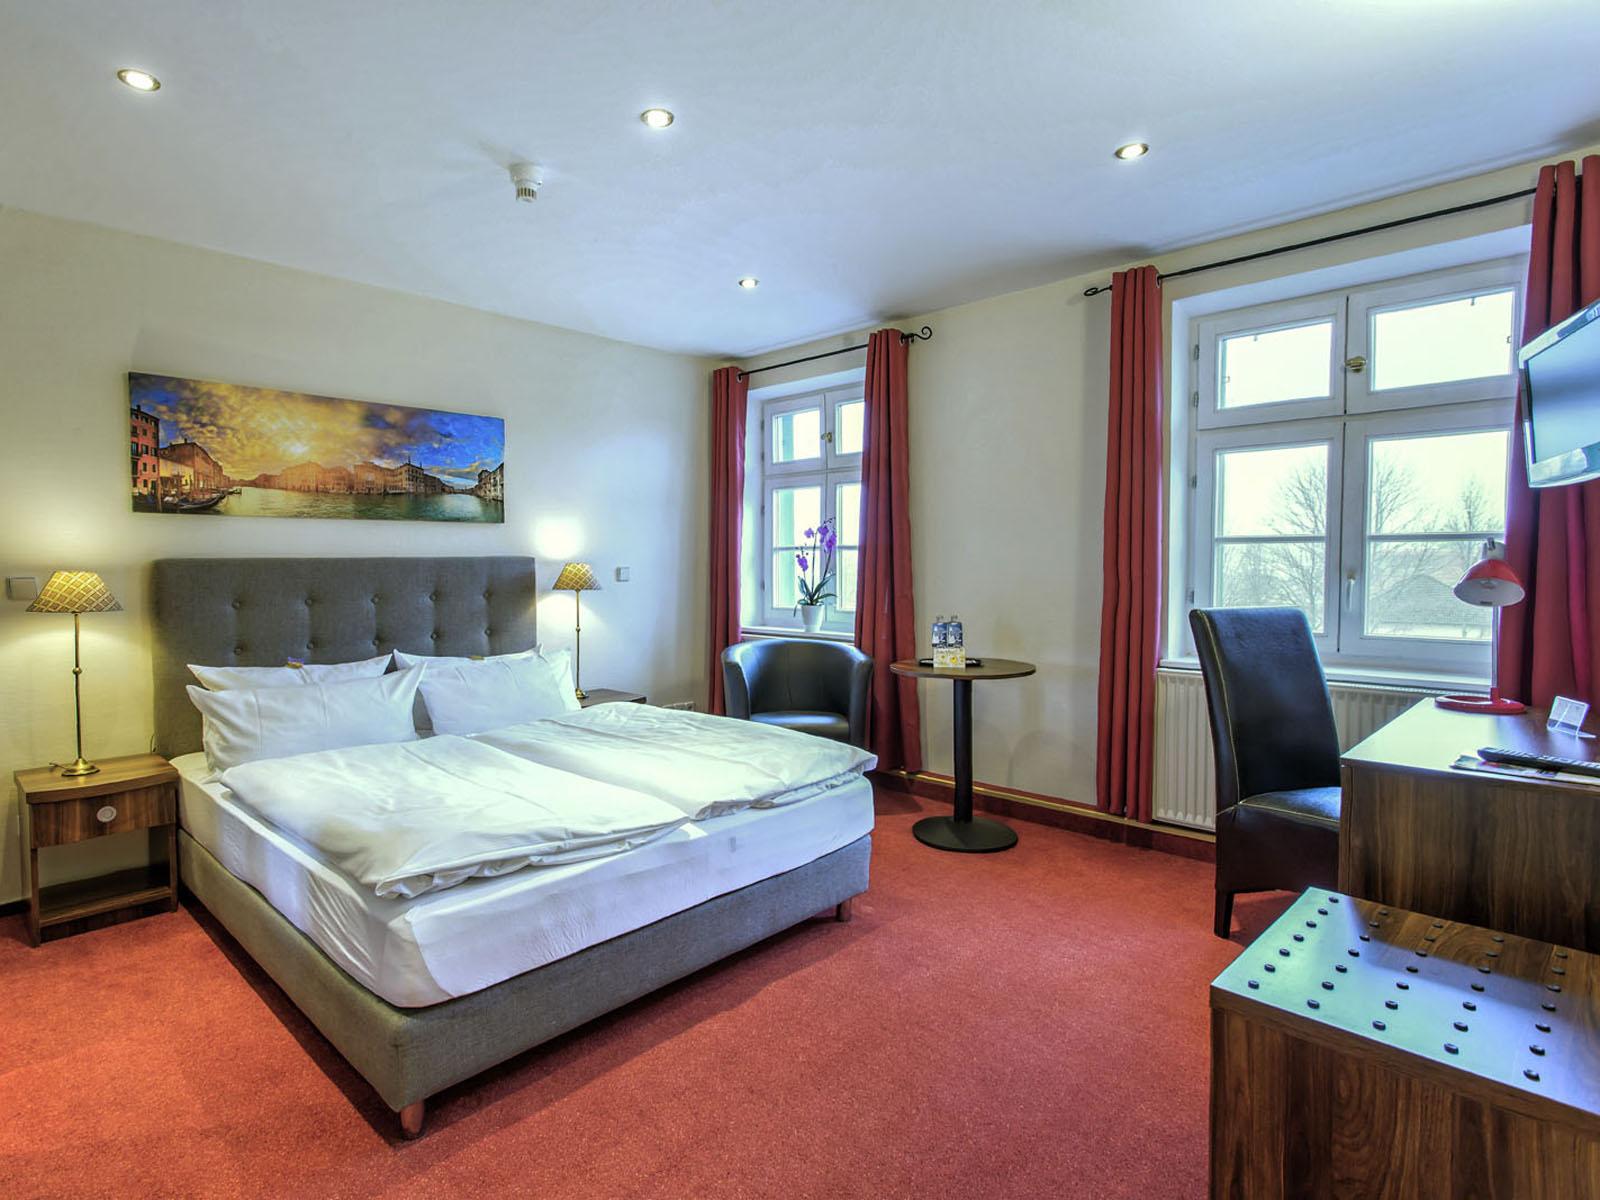 Komfort-Doppelzimmer im Hotel Zur Alten Oder in 15230 Frankfurt/Oder